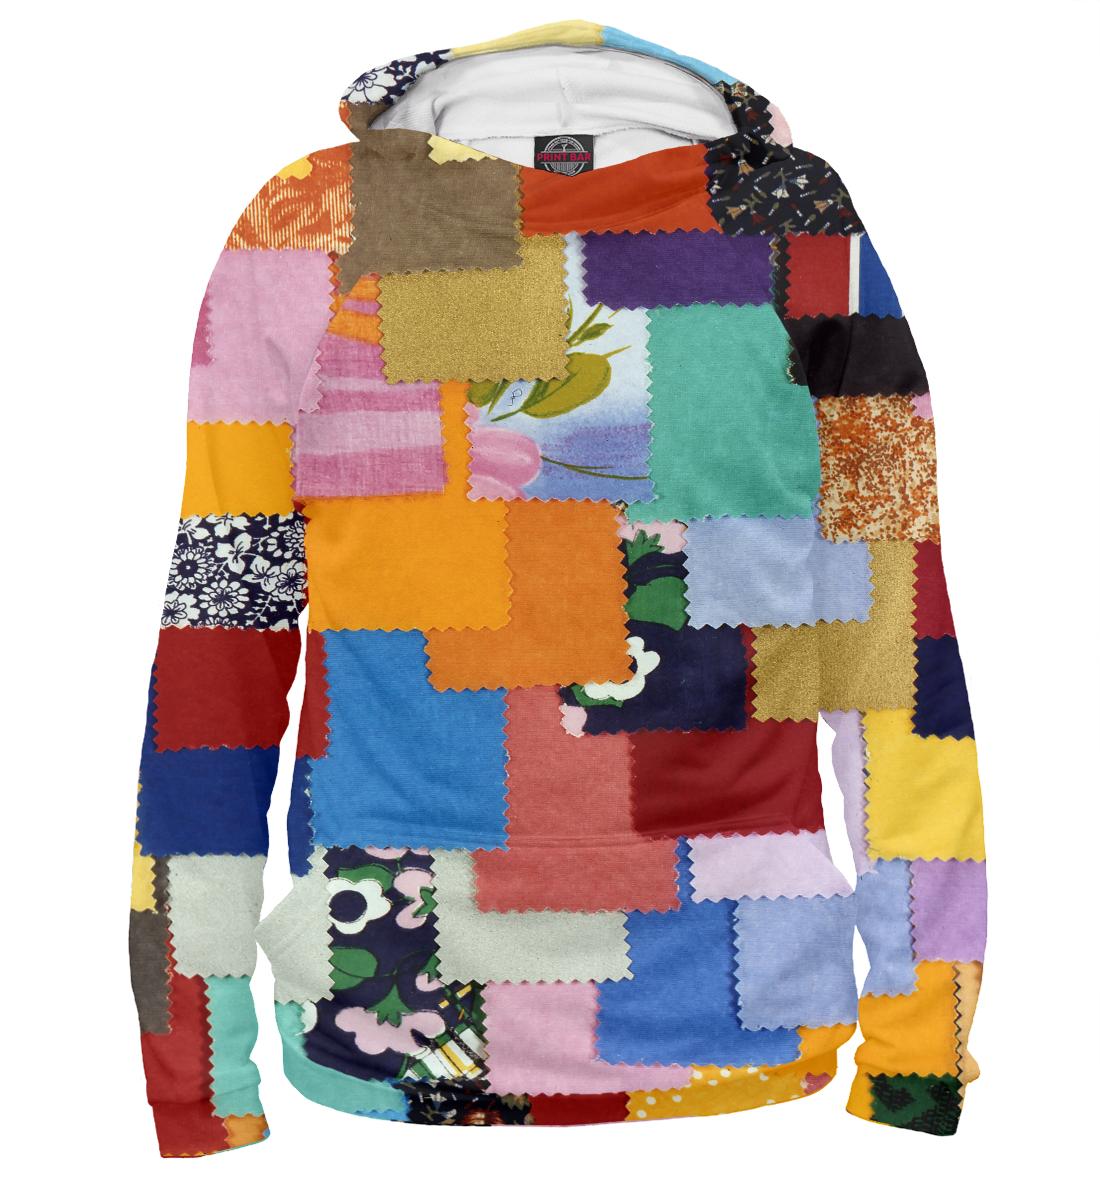 Купить Лоскутное шитье, Printbar, Худи, APD-329873-hud-1